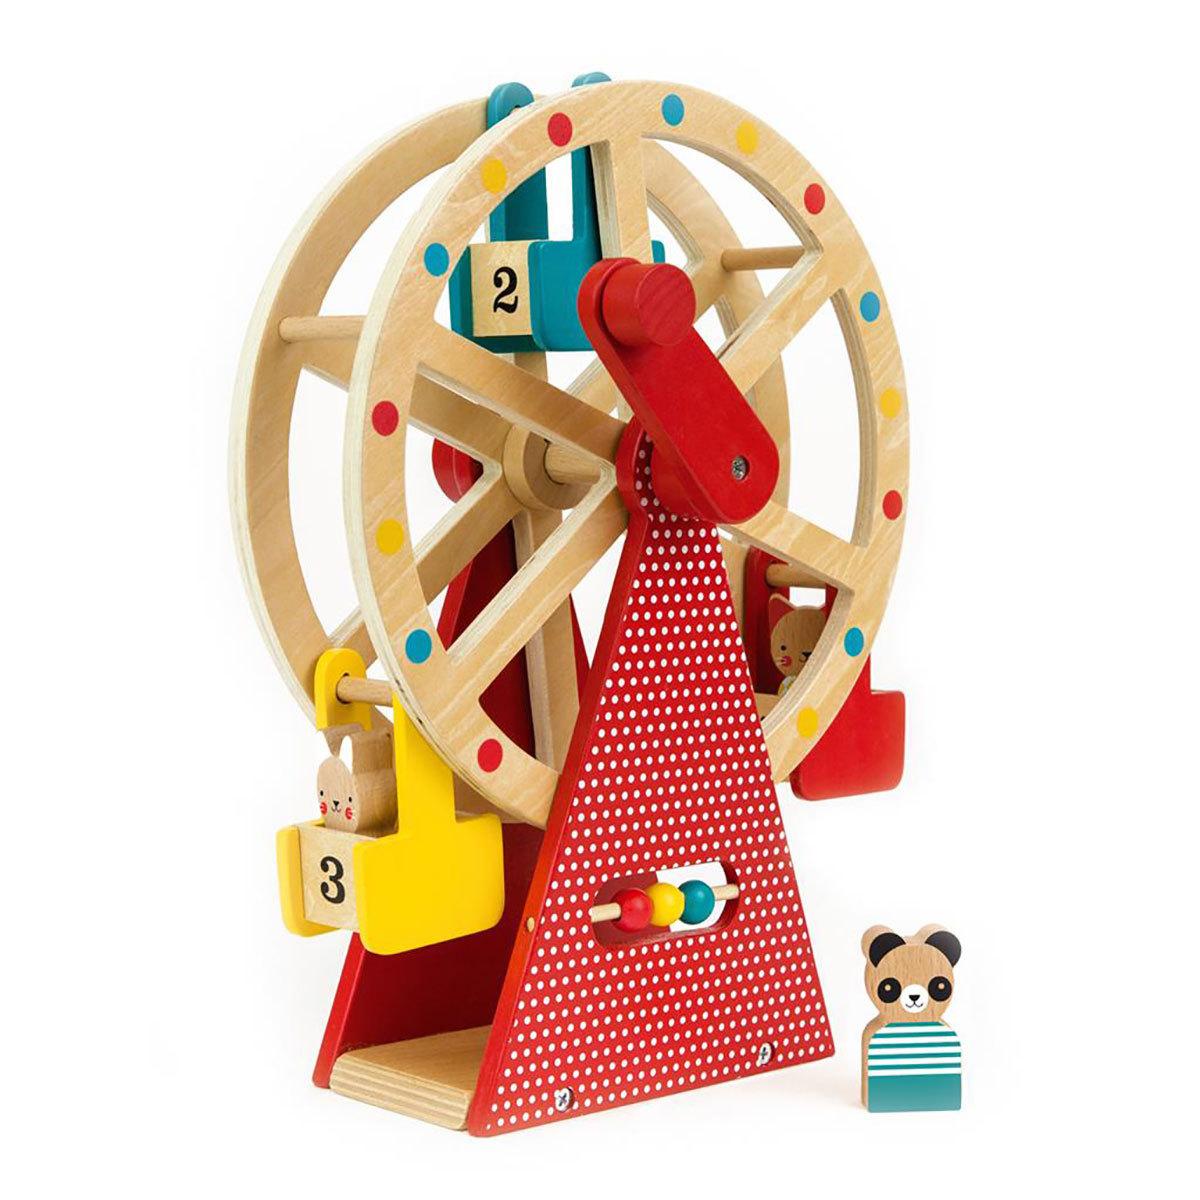 Mes premiers jouets Grande Roue en Bois avec Figurines Grande Roue en Bois avec Figurines